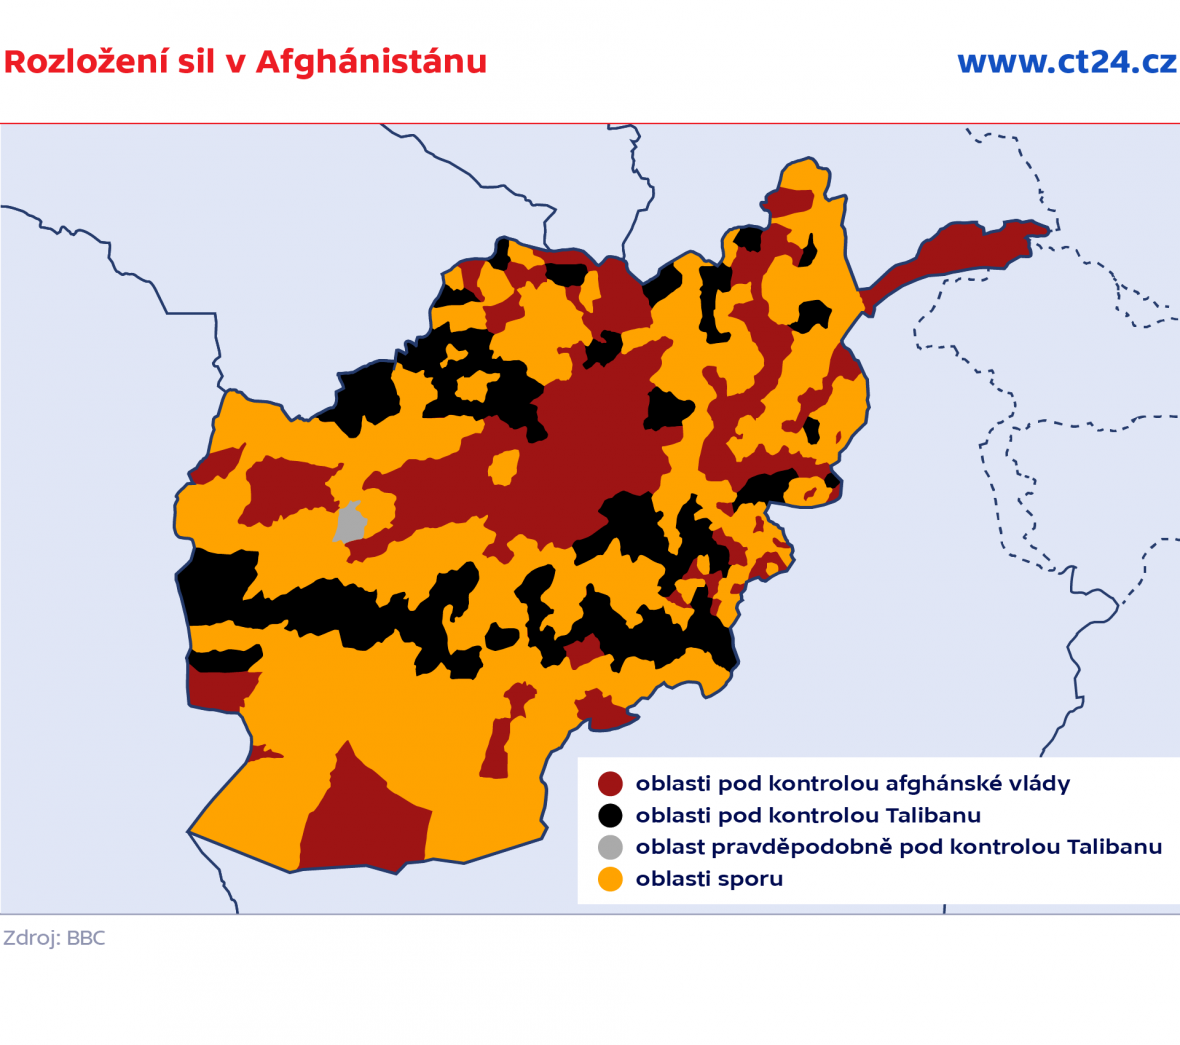 Rozložení sil v Afghánistánu